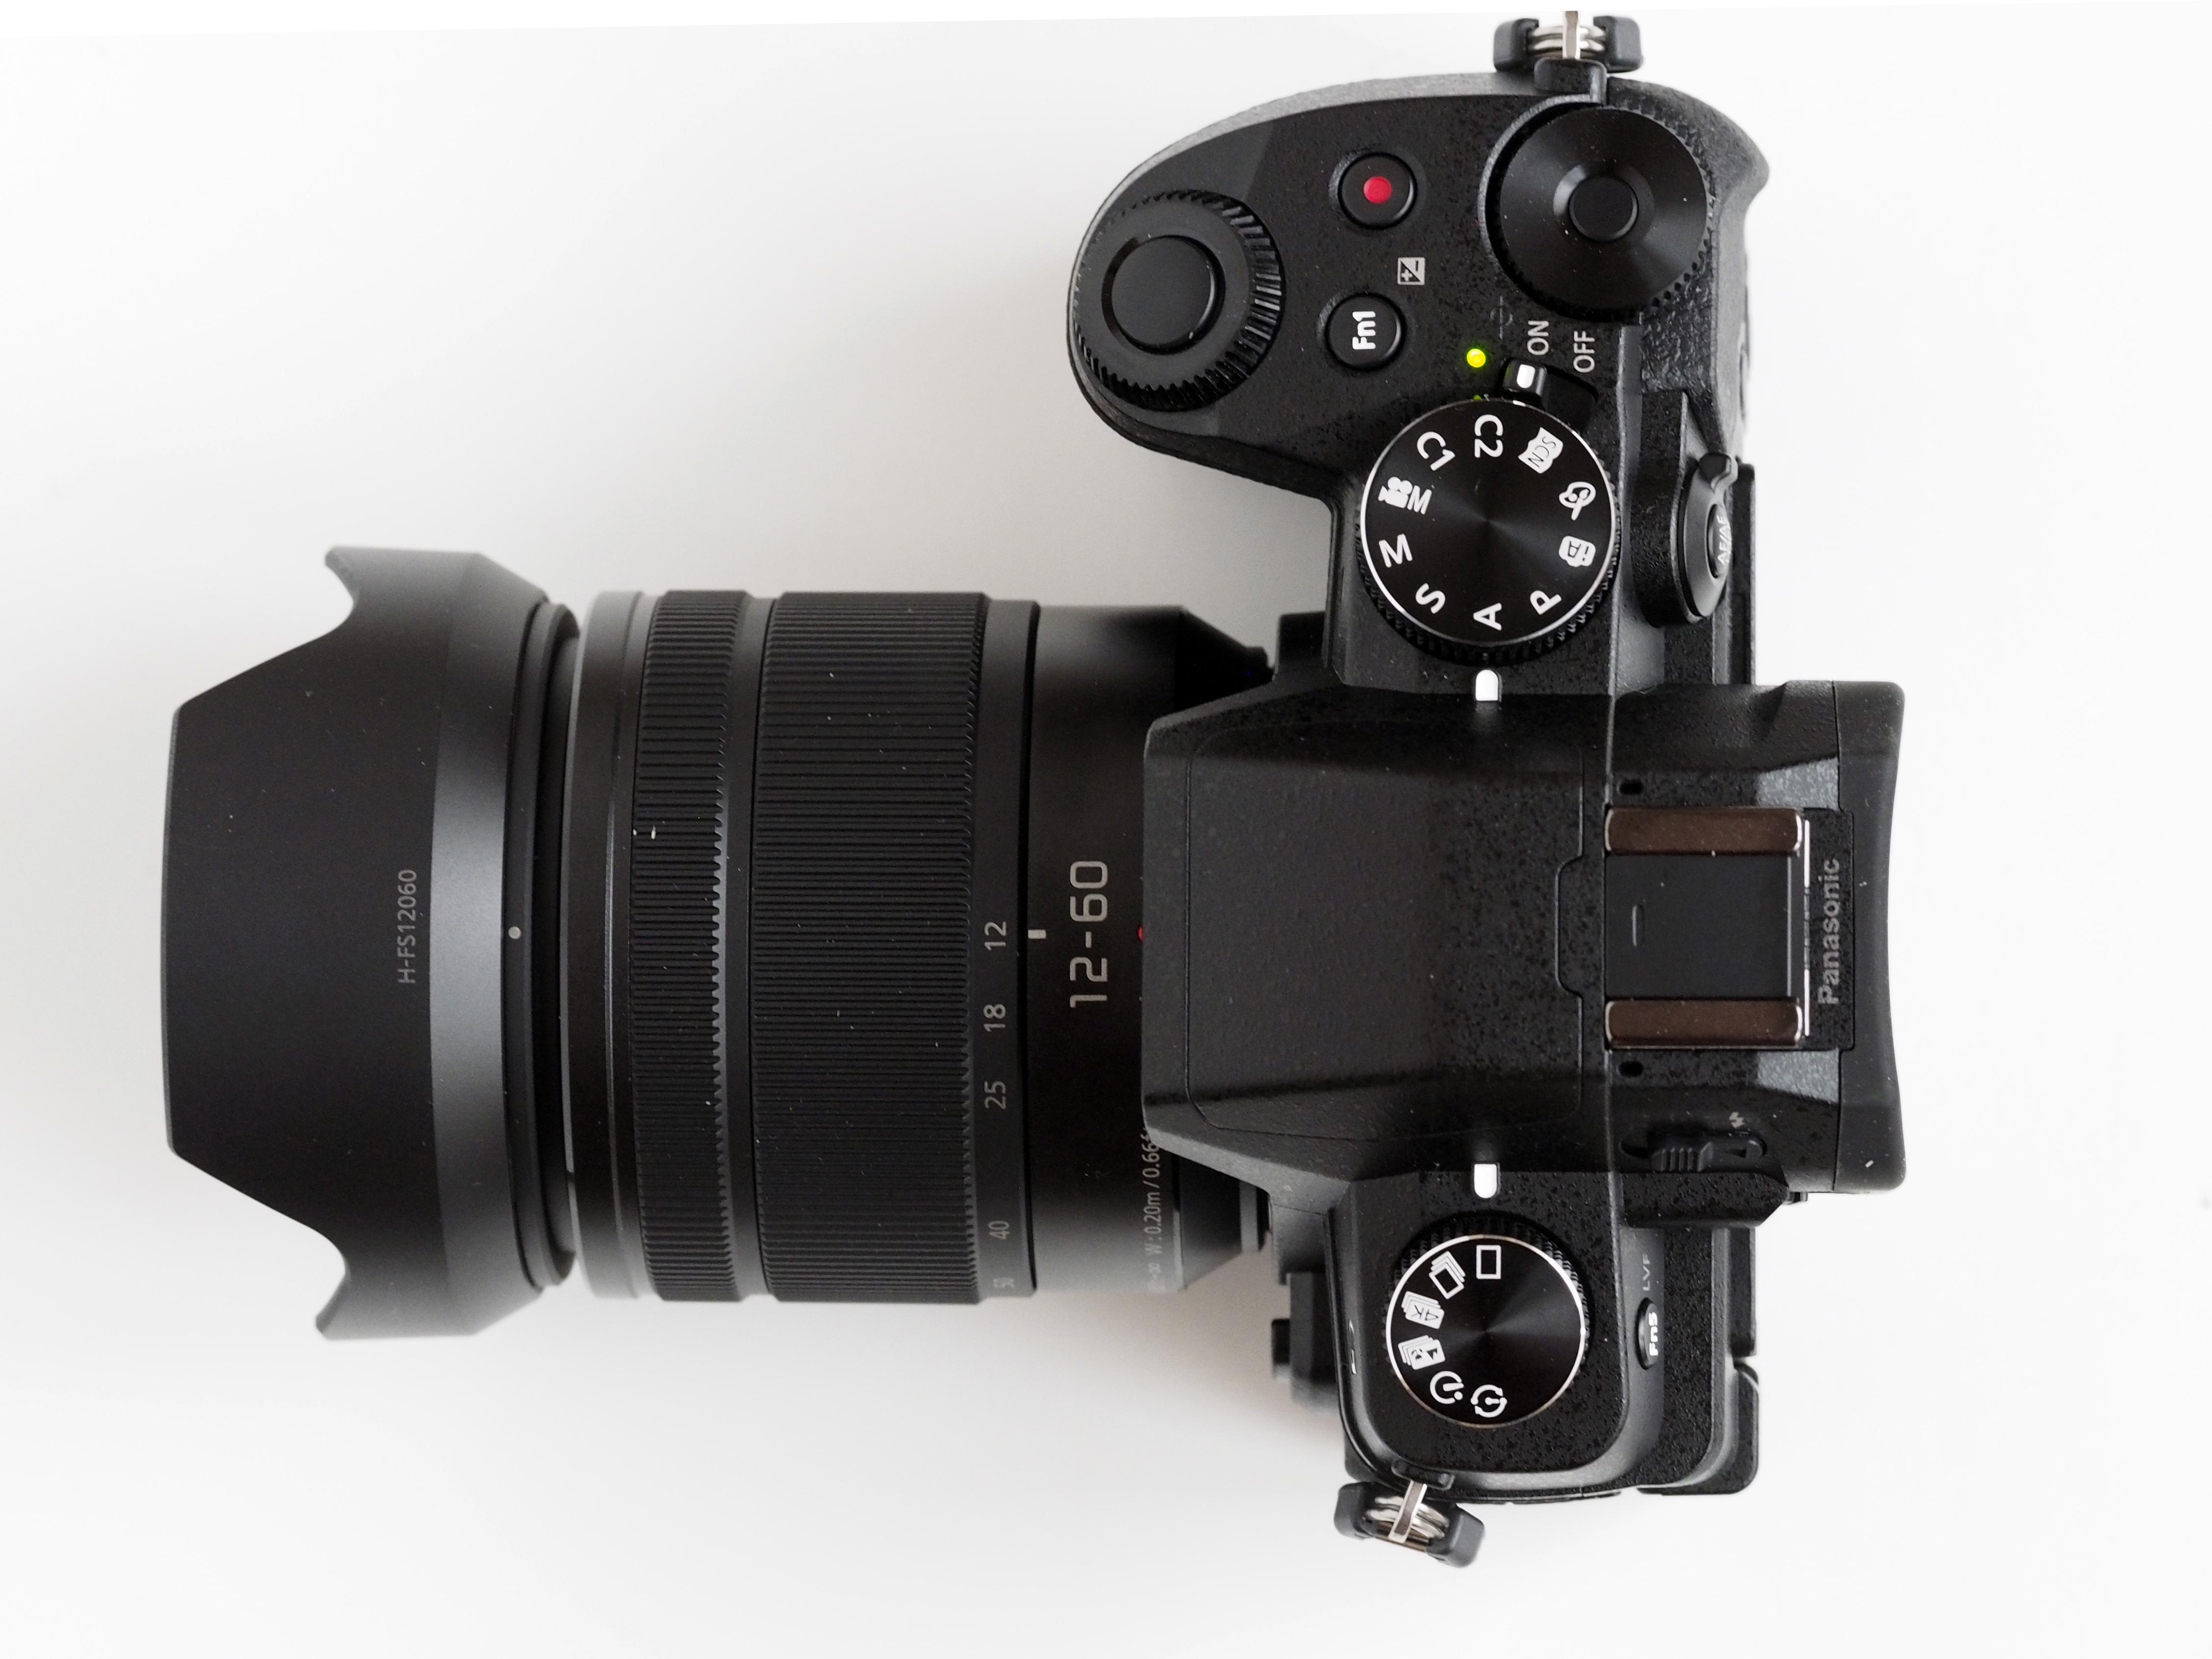 Kameraet er ikke stort, men antall knapper og ratt er ikke få.